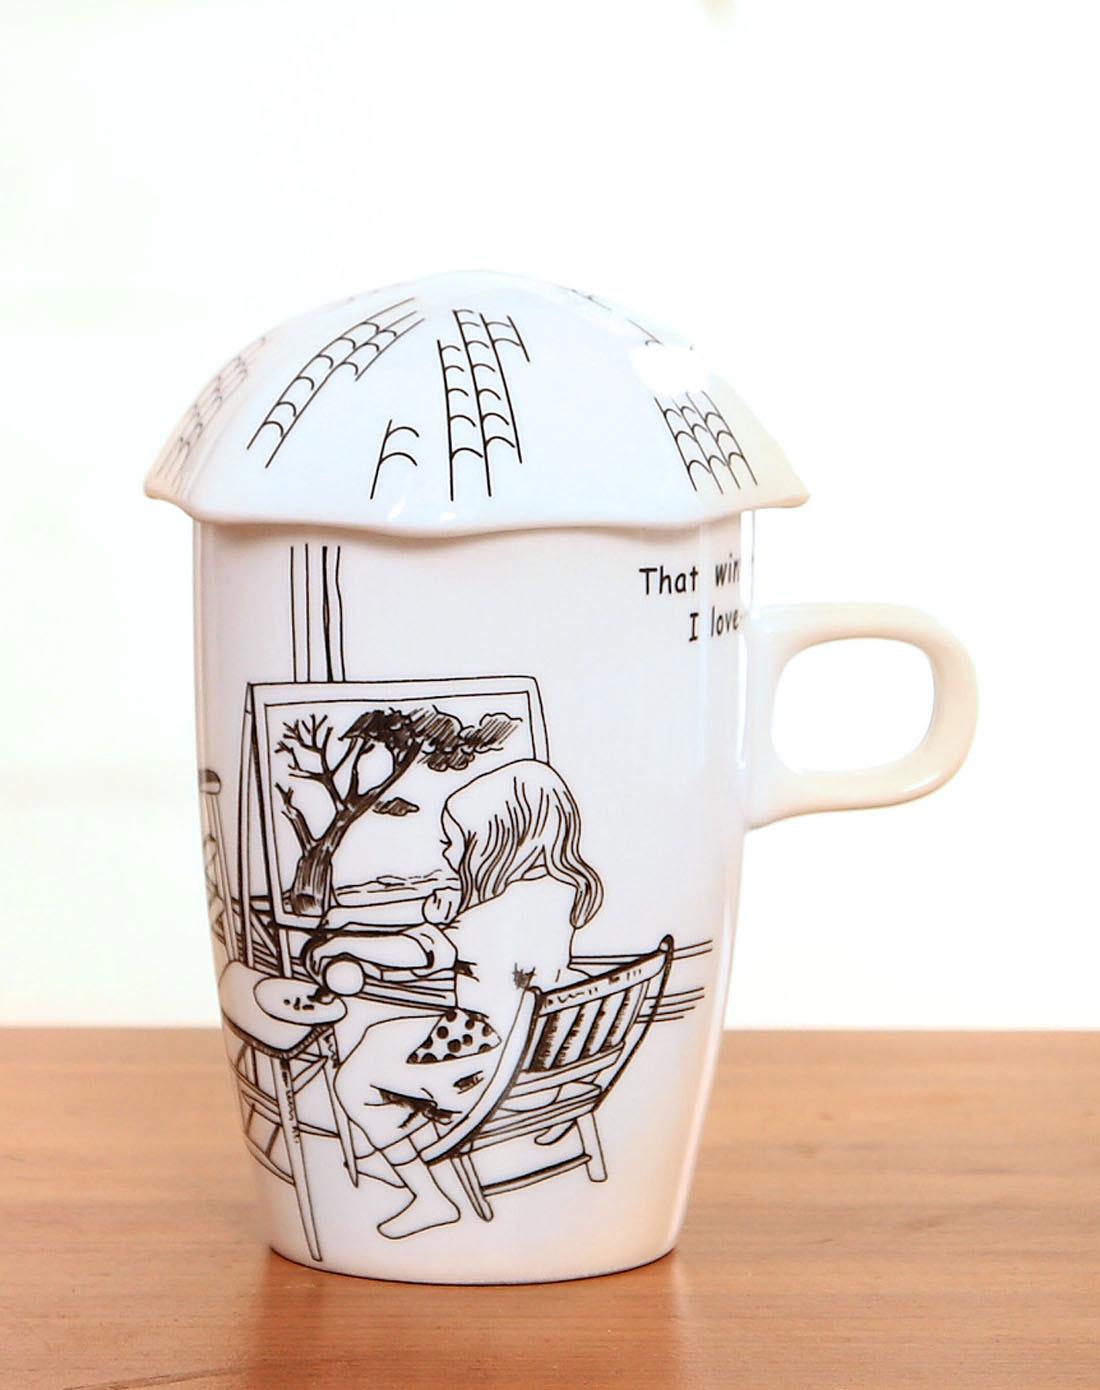 手绘漫画风陶瓷马克杯-画树女孩